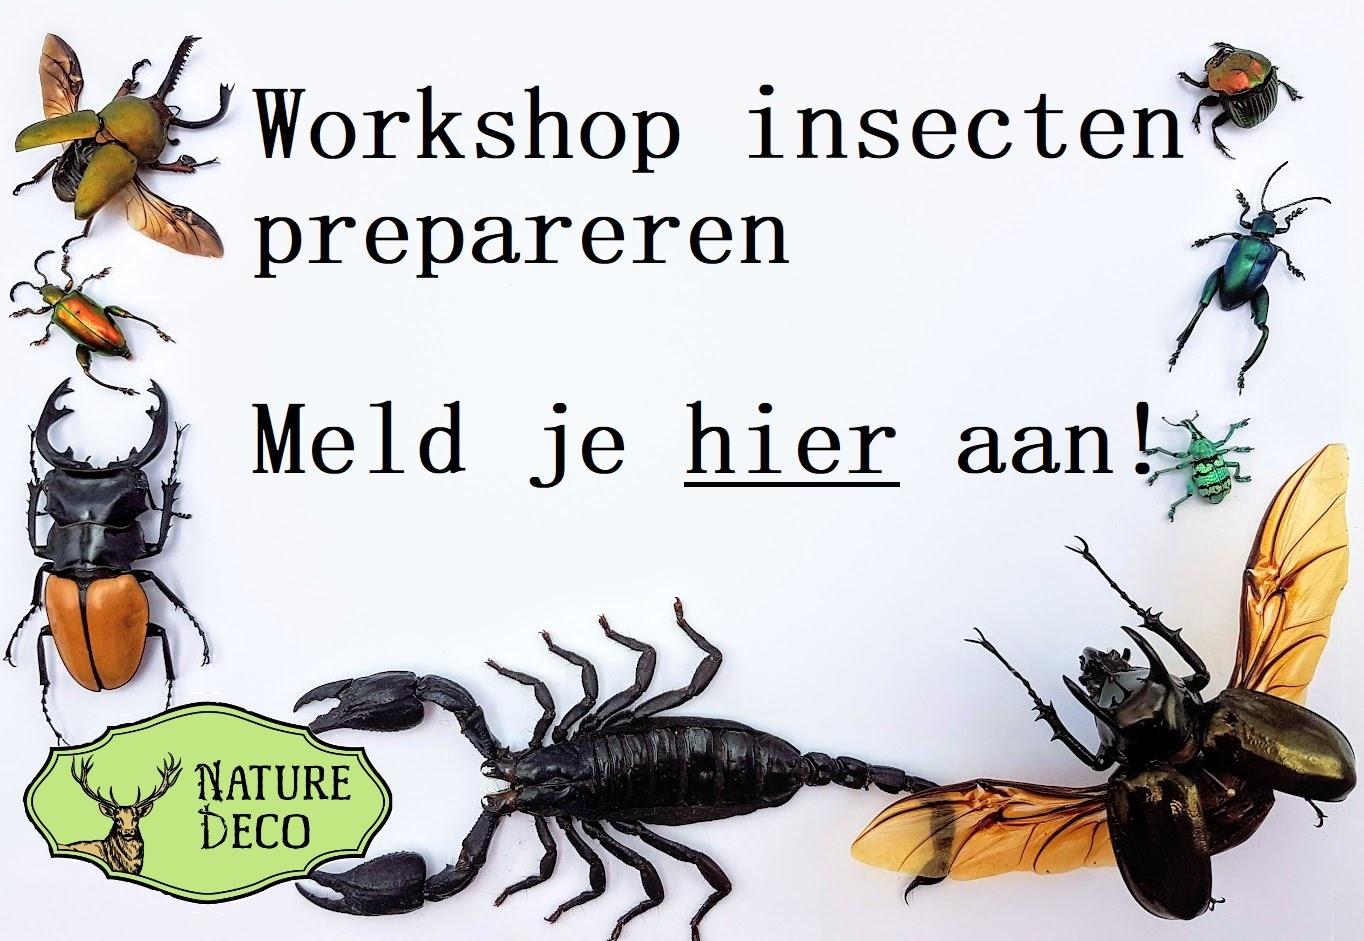 Workshop insecten prepareren